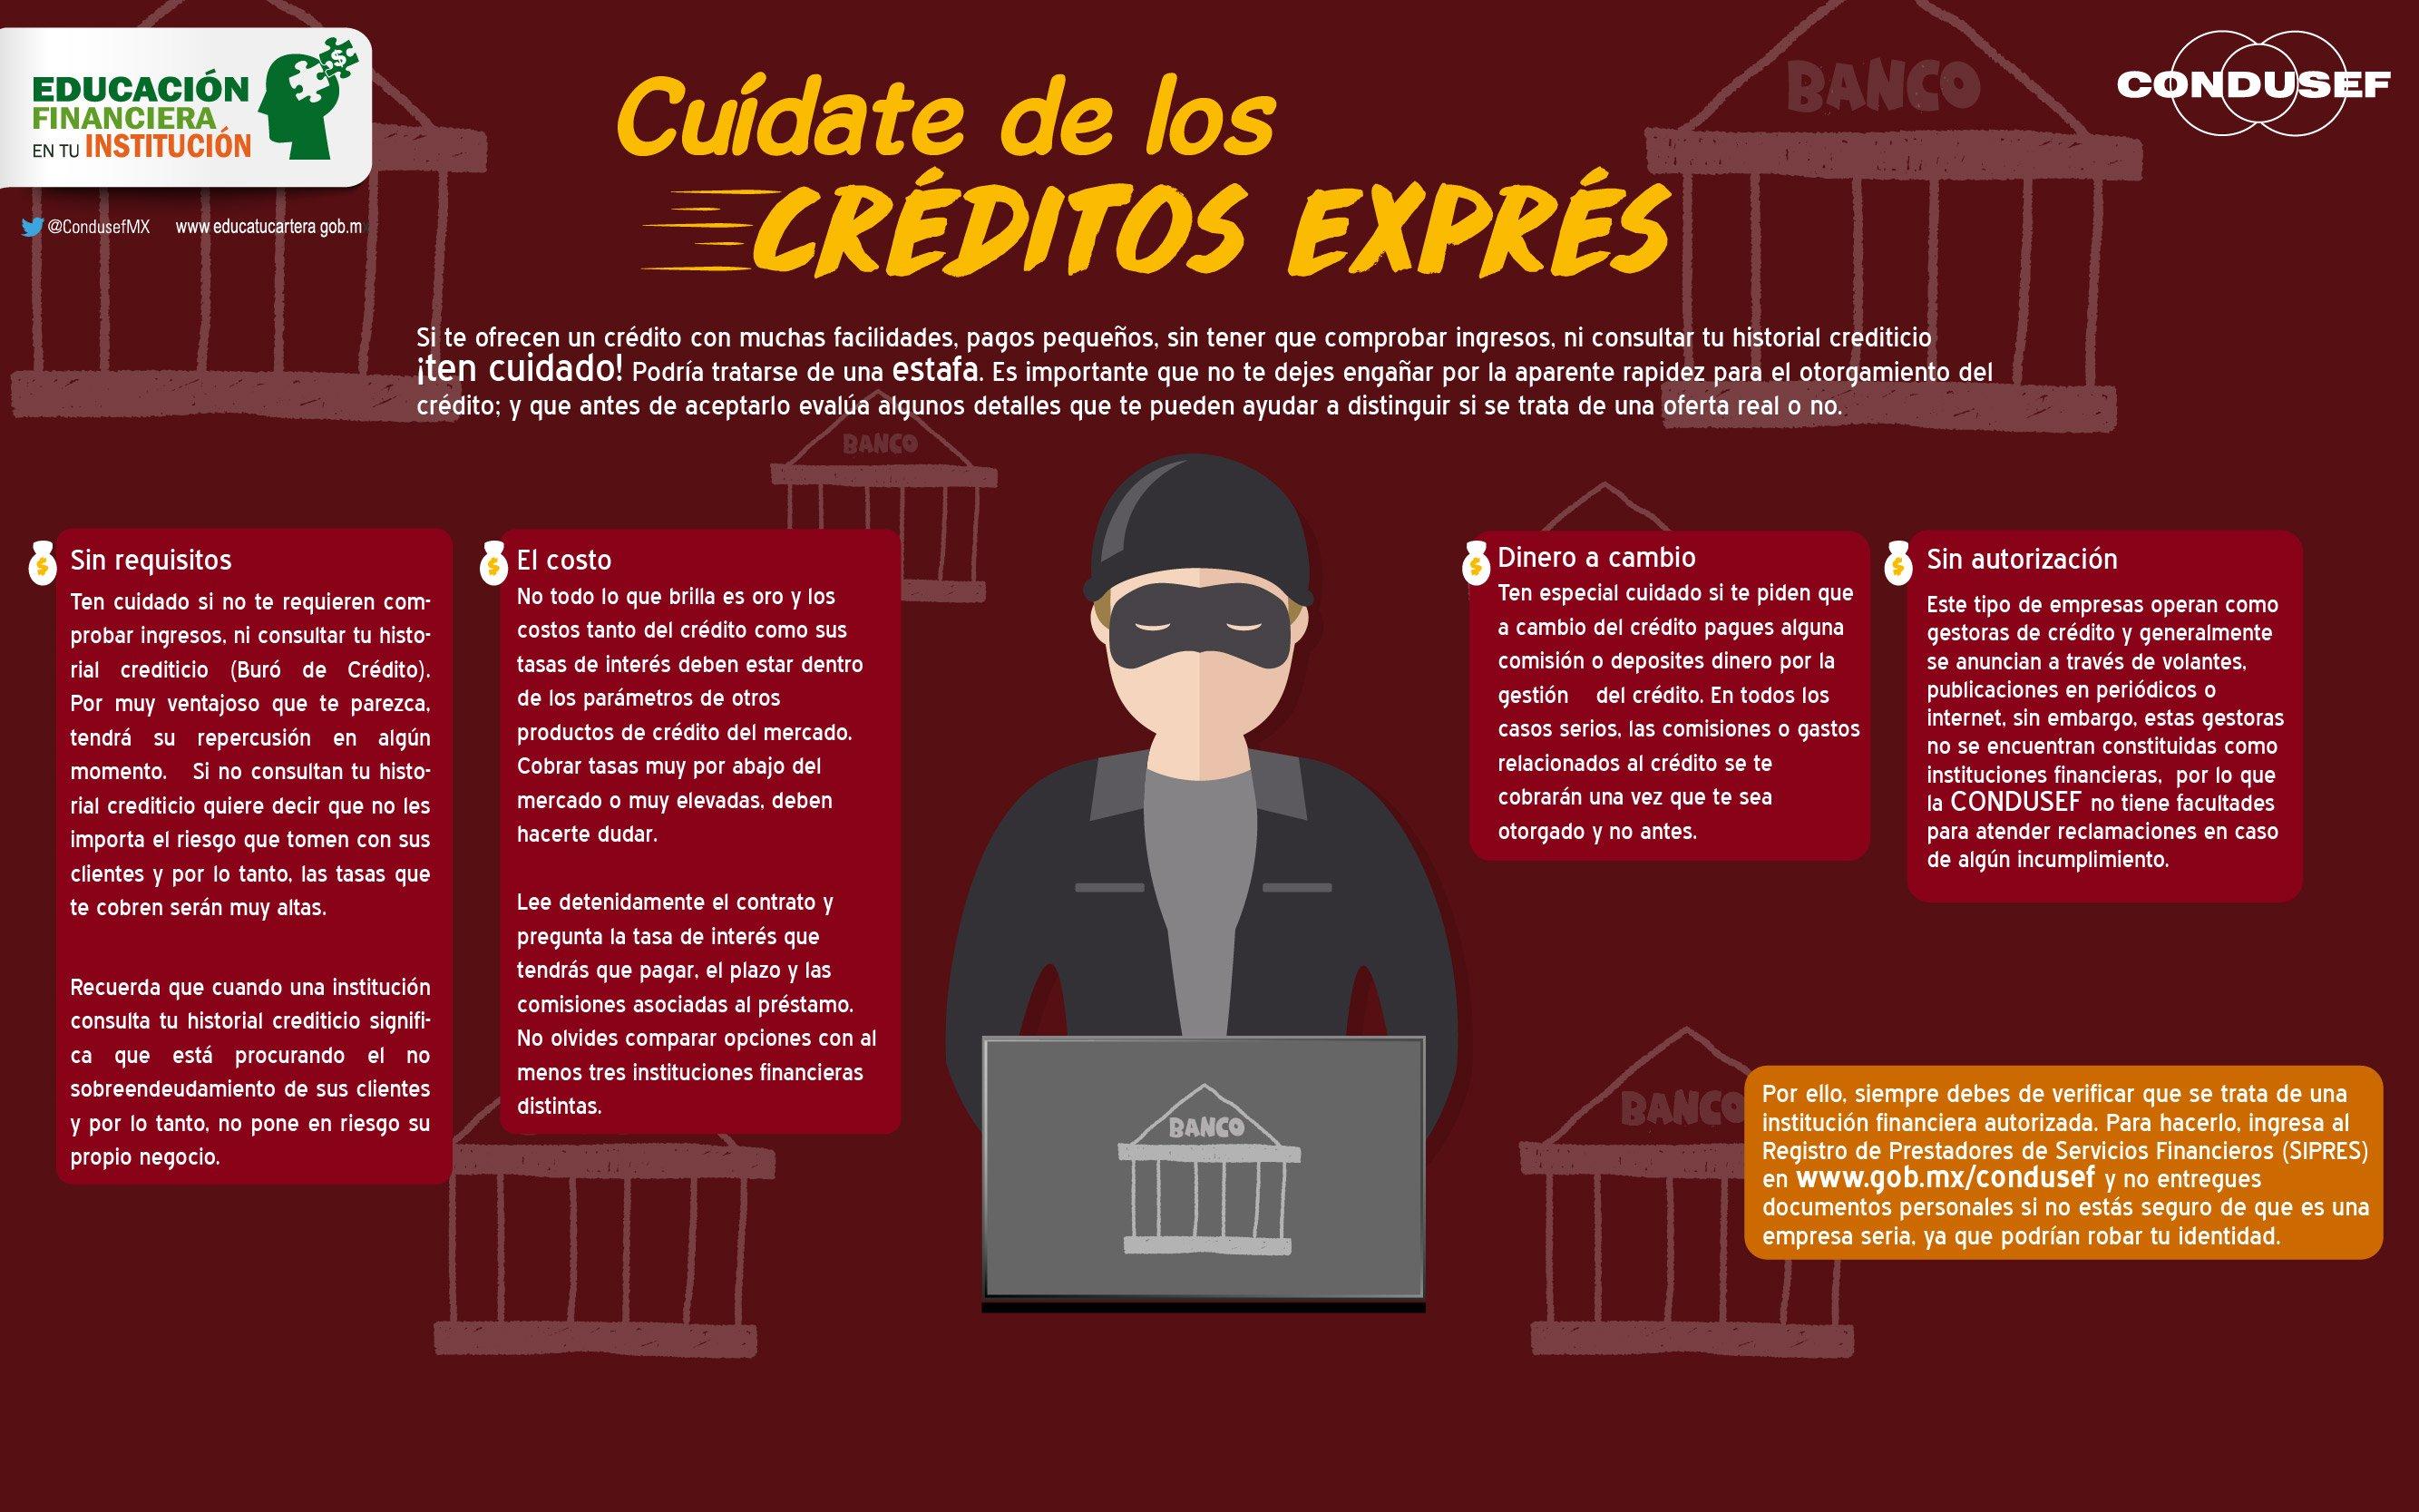 Cuídate de los Créditos Exprés